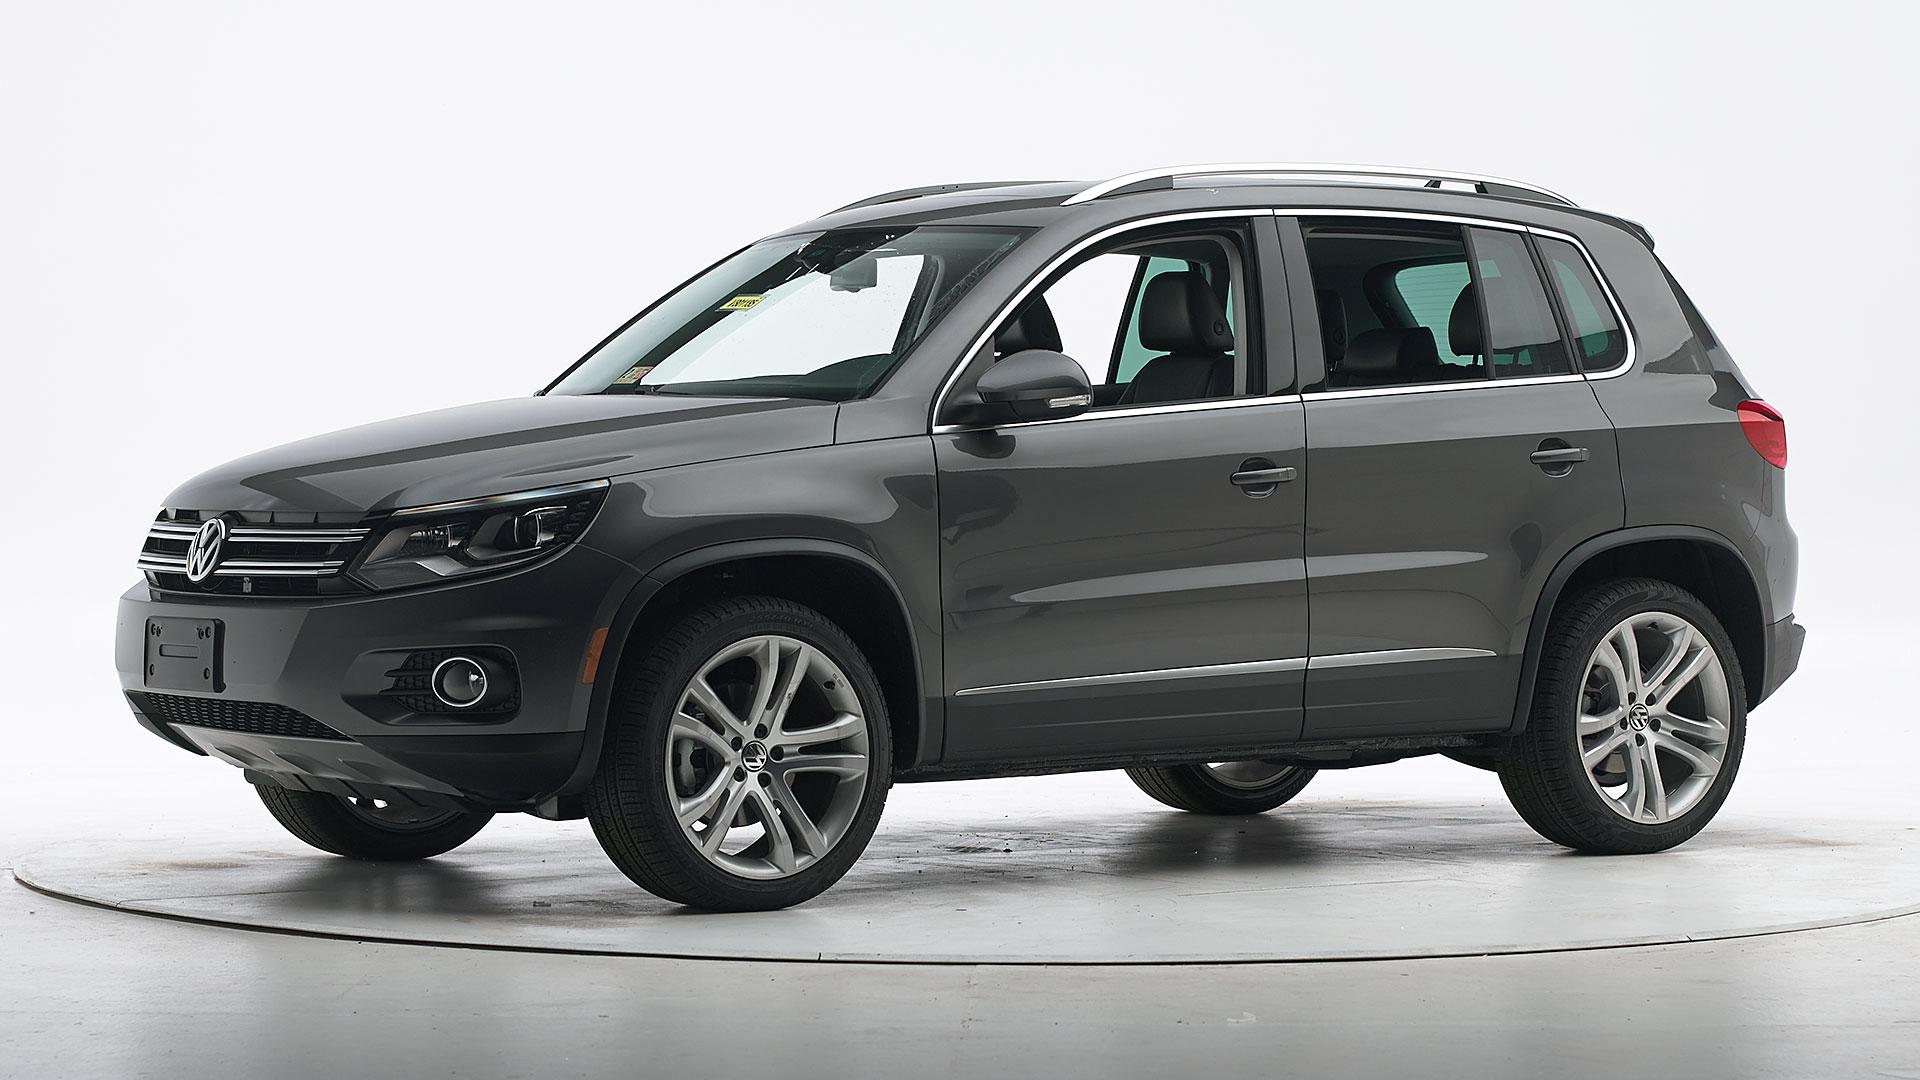 2016 Volkswagen Suv >> 2016 Volkswagen Tiguan